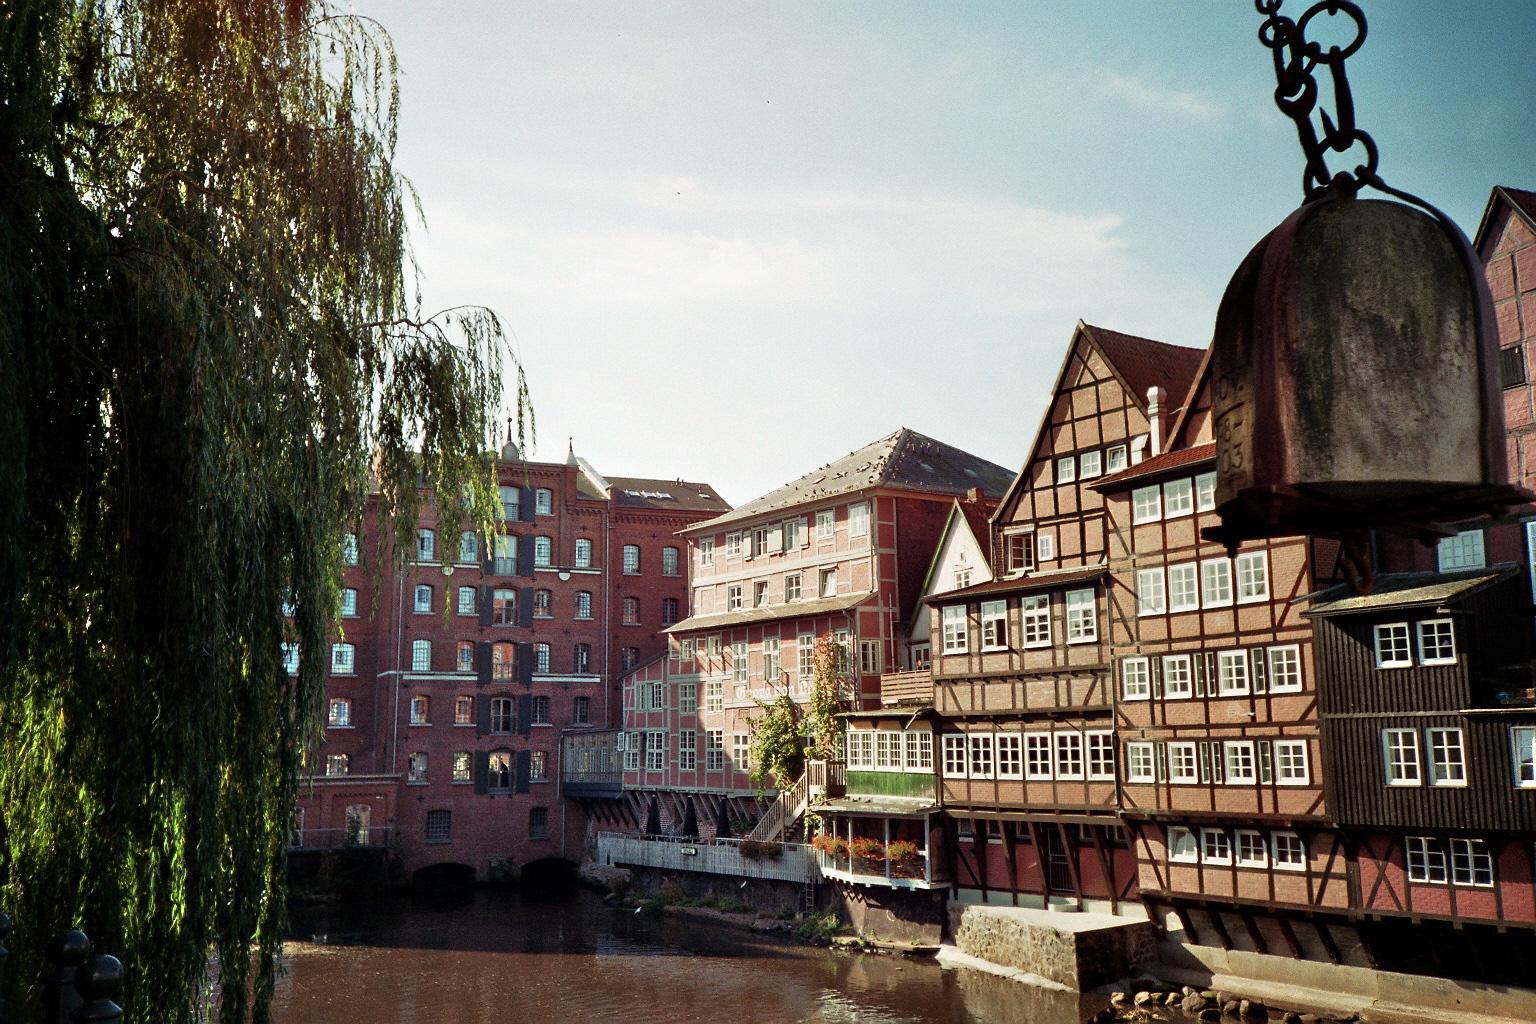 5 liebste Orte in Deutschland - Lüneburg (c) Lomoherz